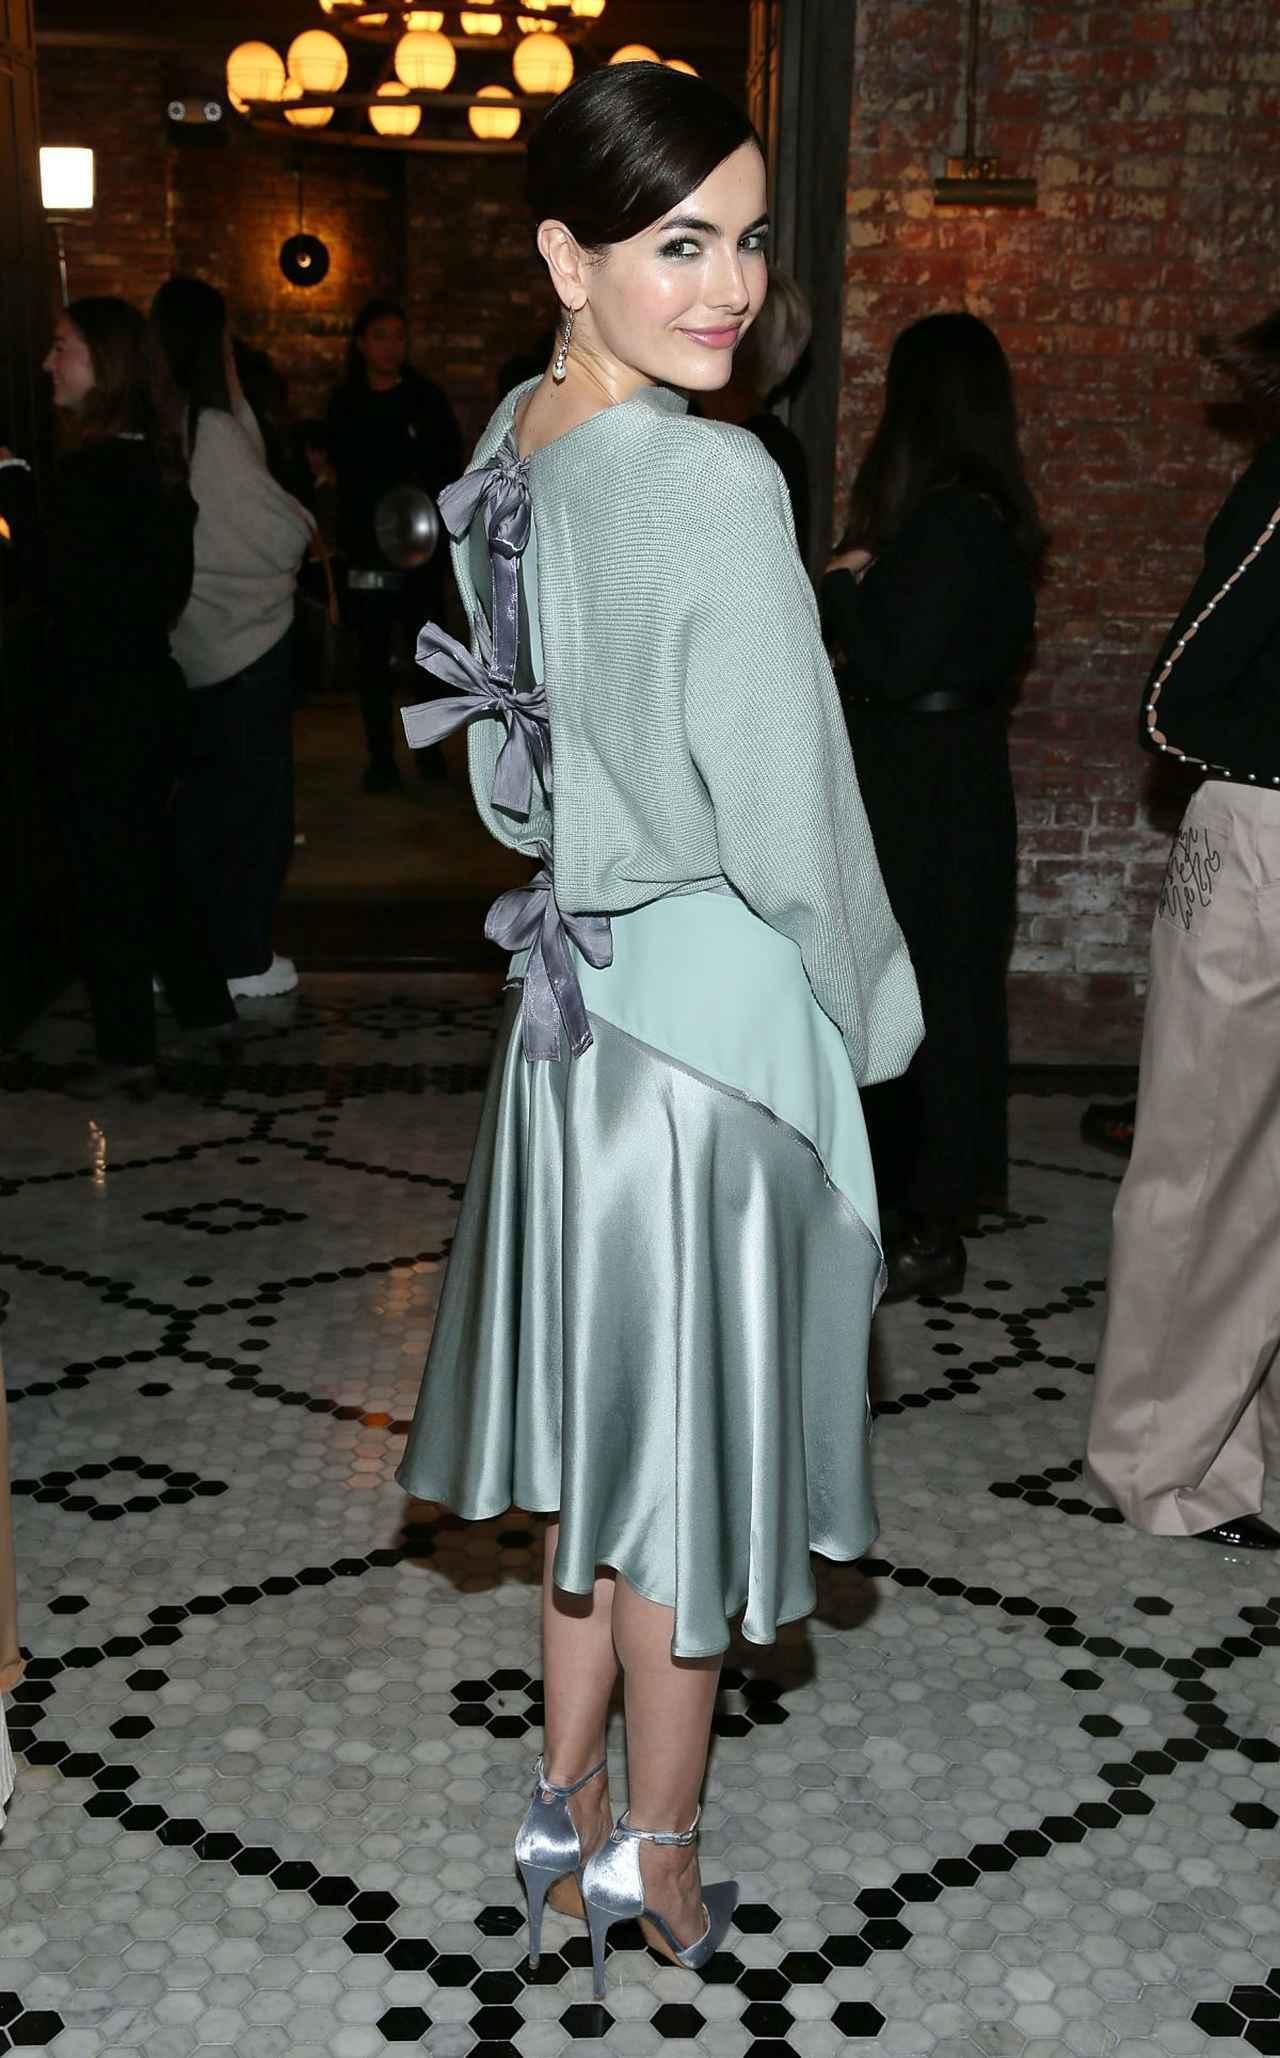 画像2: 人気女優のカミーラ・ベル